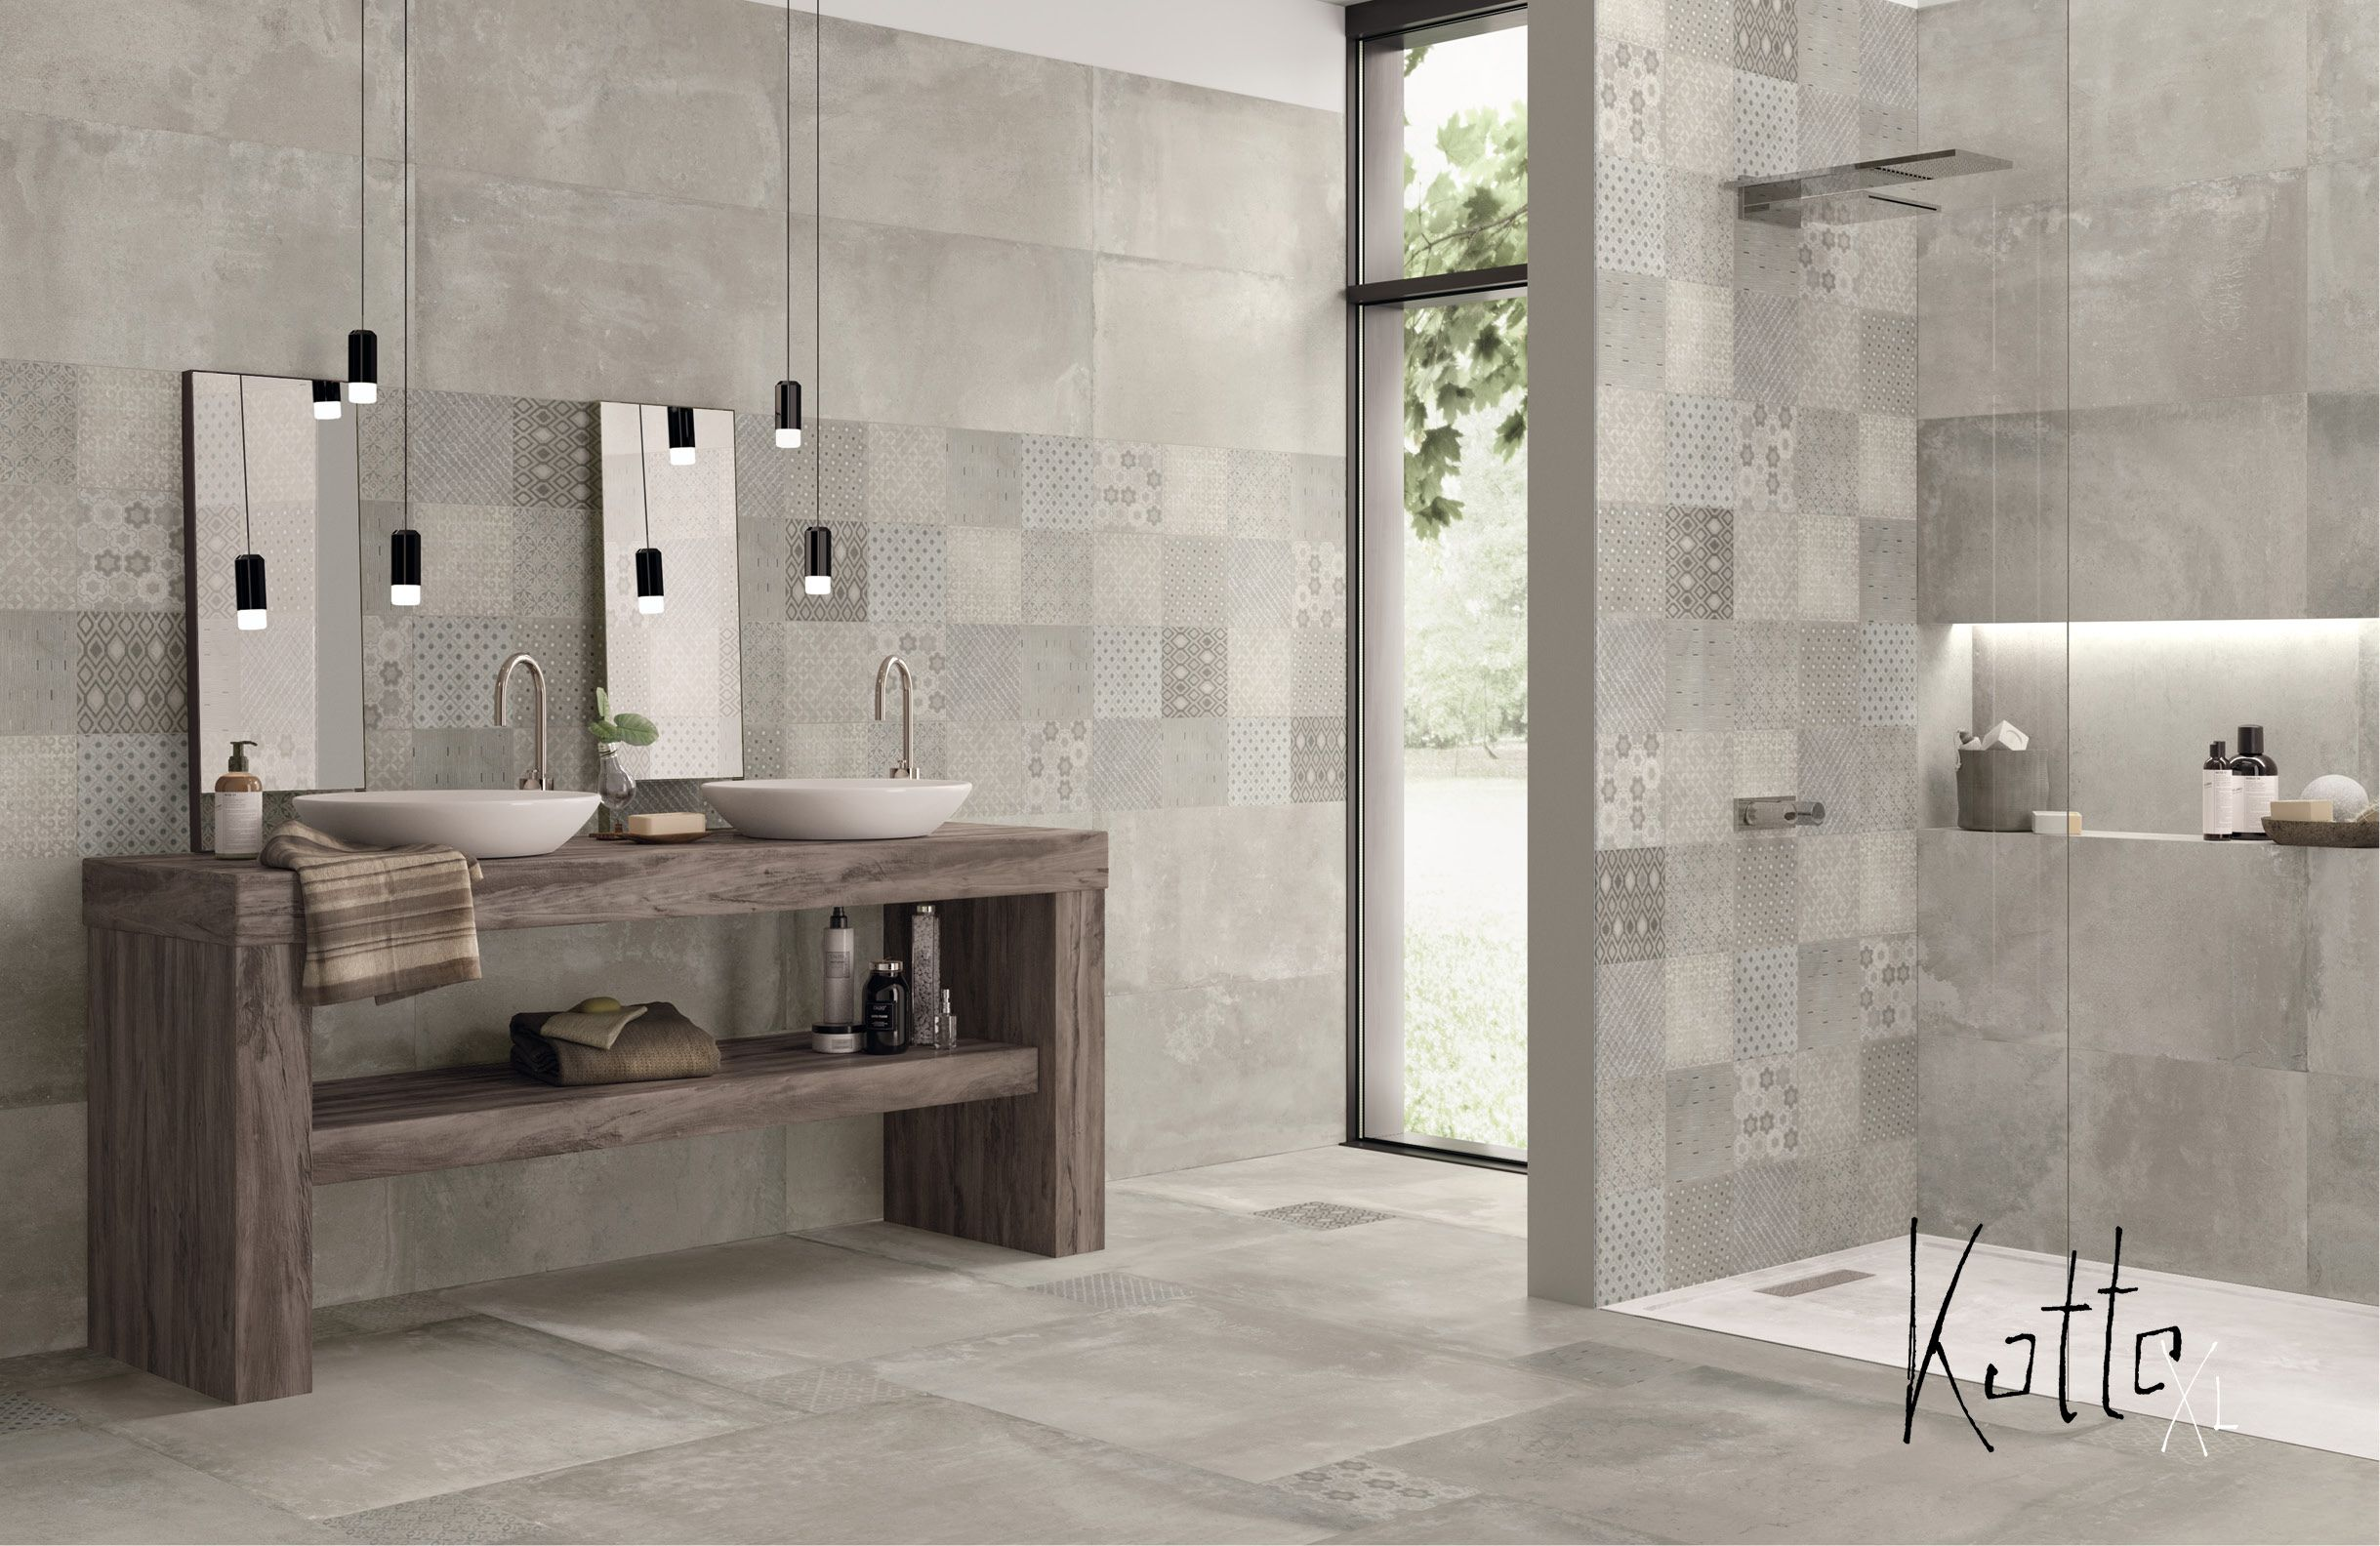 Badezimmer Betonoptik ~ Ein badezimmer mit der tollen serie kotto xl von emil. verschiedene